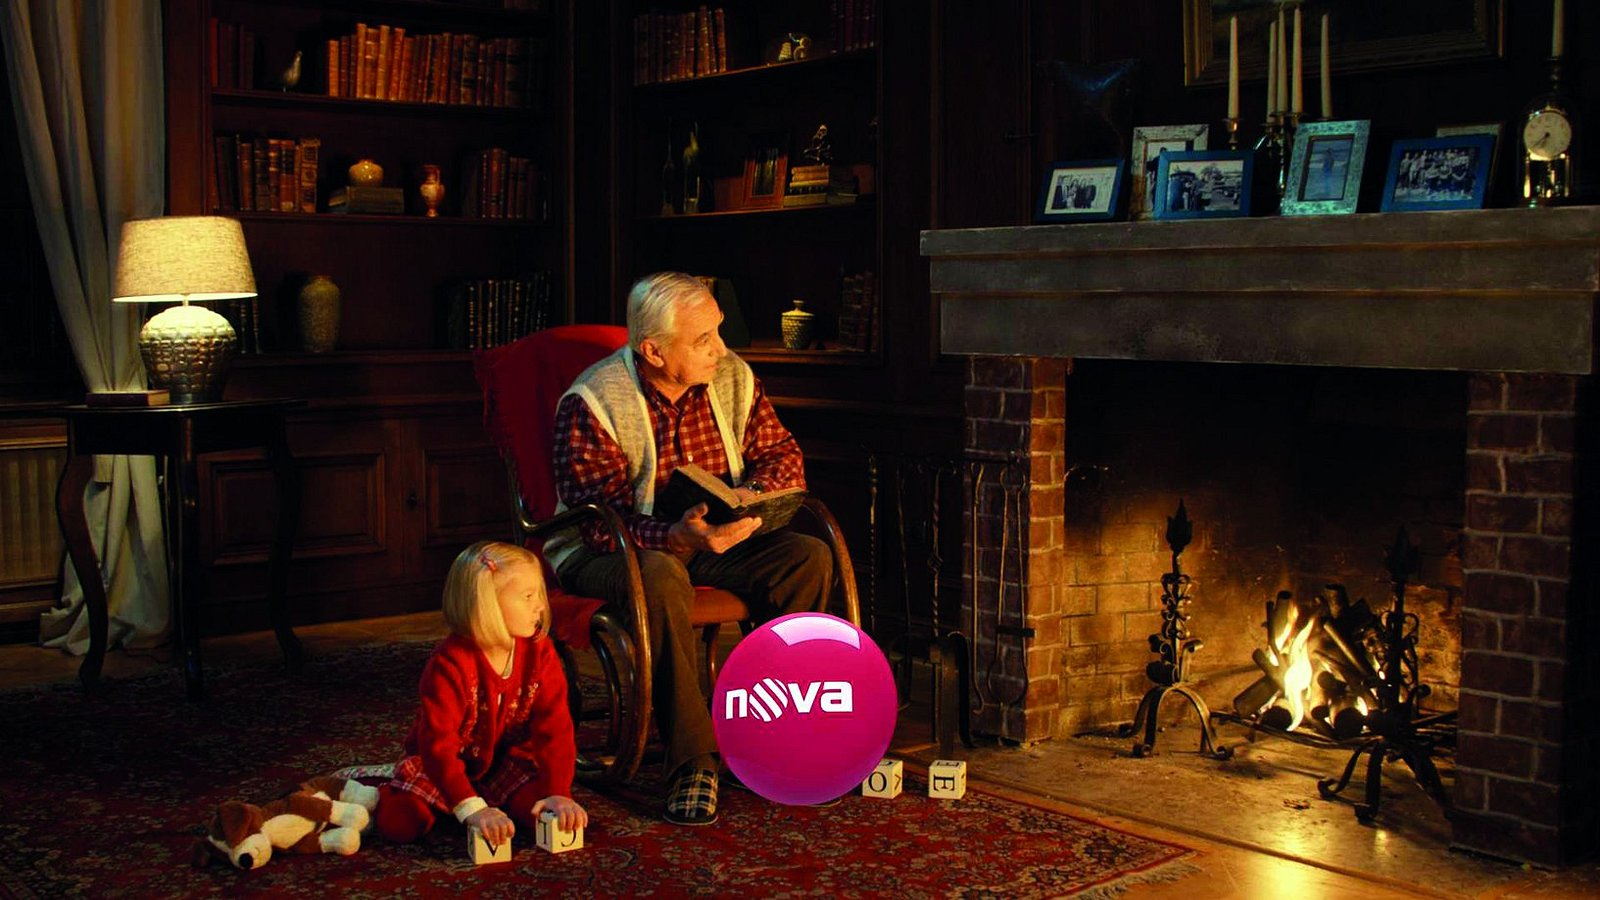 Průřez dvacetiletou historií TV Nova - výběr